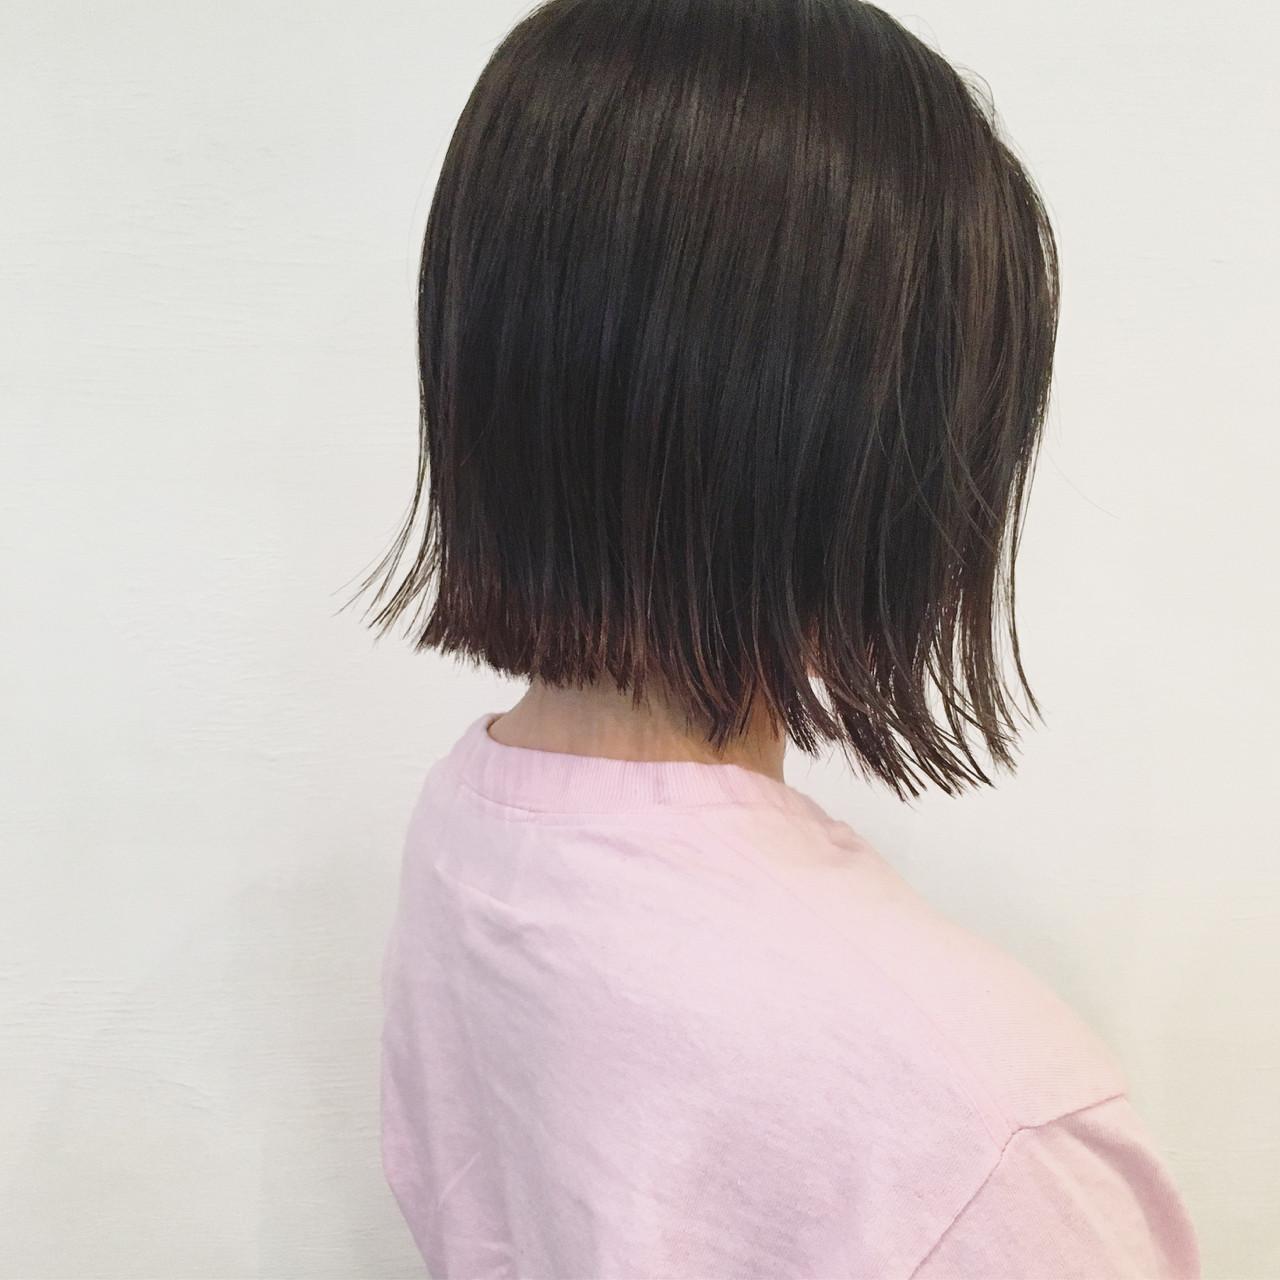 暗髪 ストリート 色気 切りっぱなし ヘアスタイルや髪型の写真・画像 | 三好 佳奈美 / Baco.(バコ)